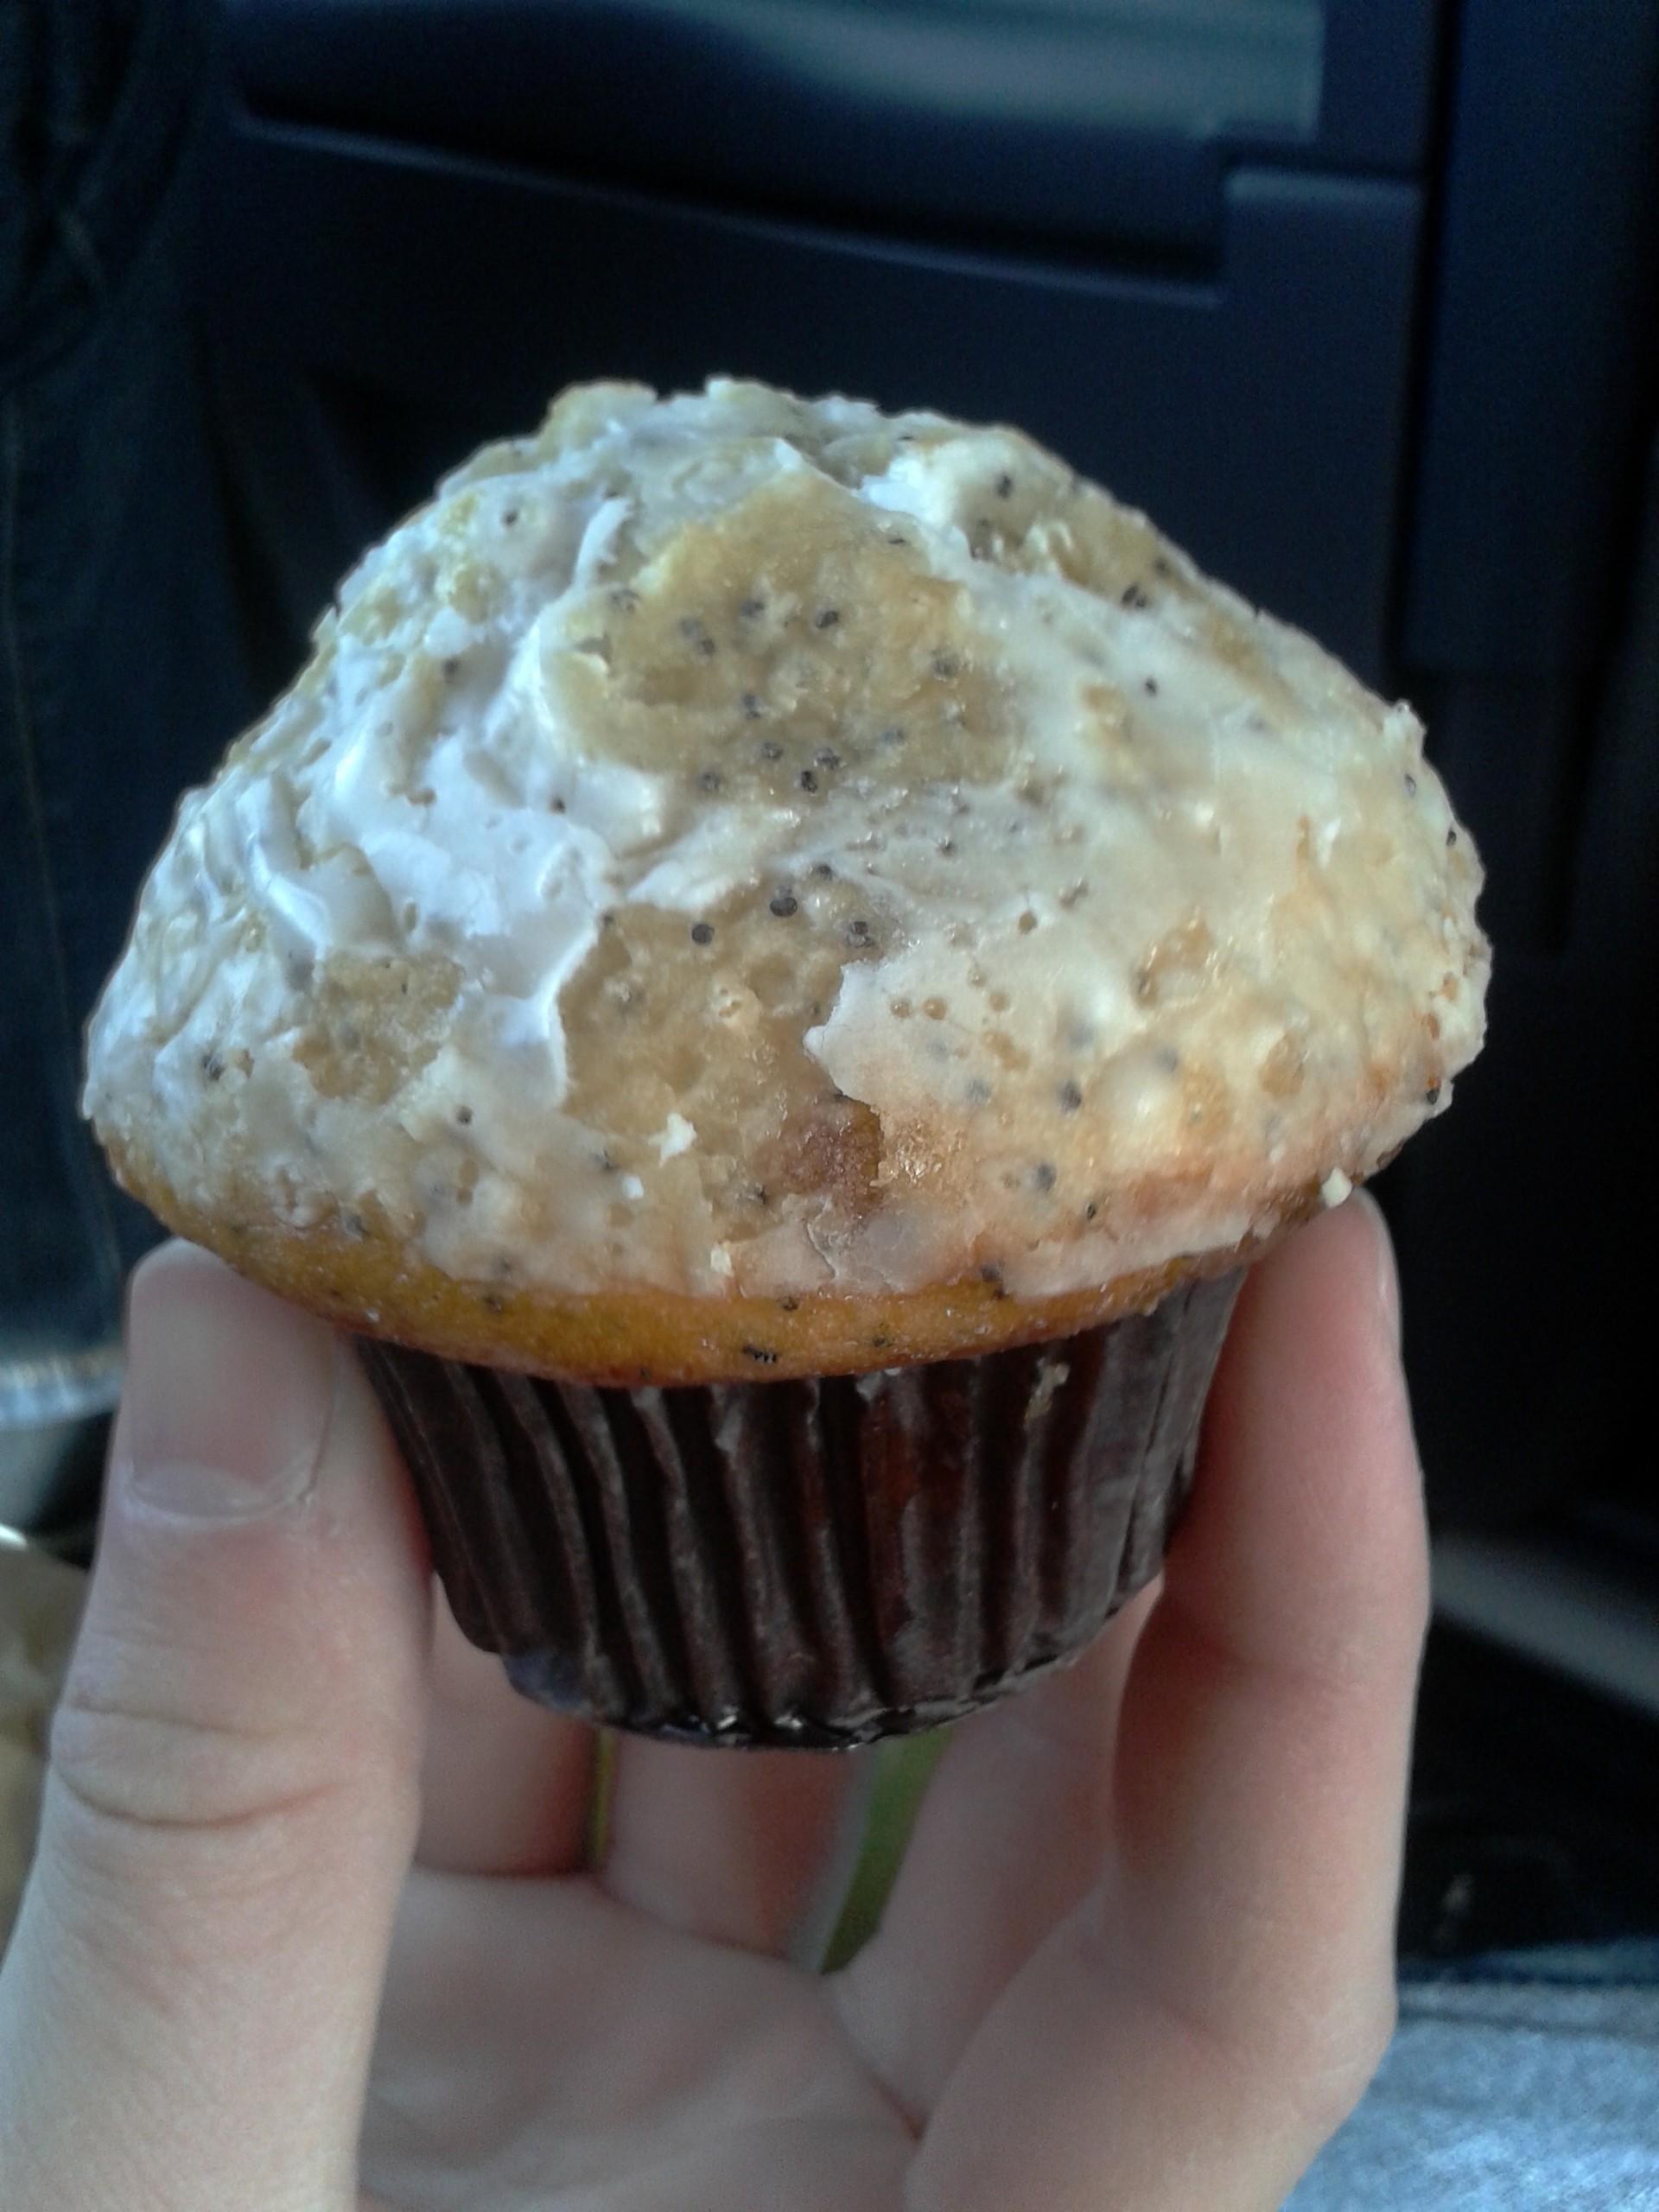 muffin, starbucks, poppy seeds, lemon